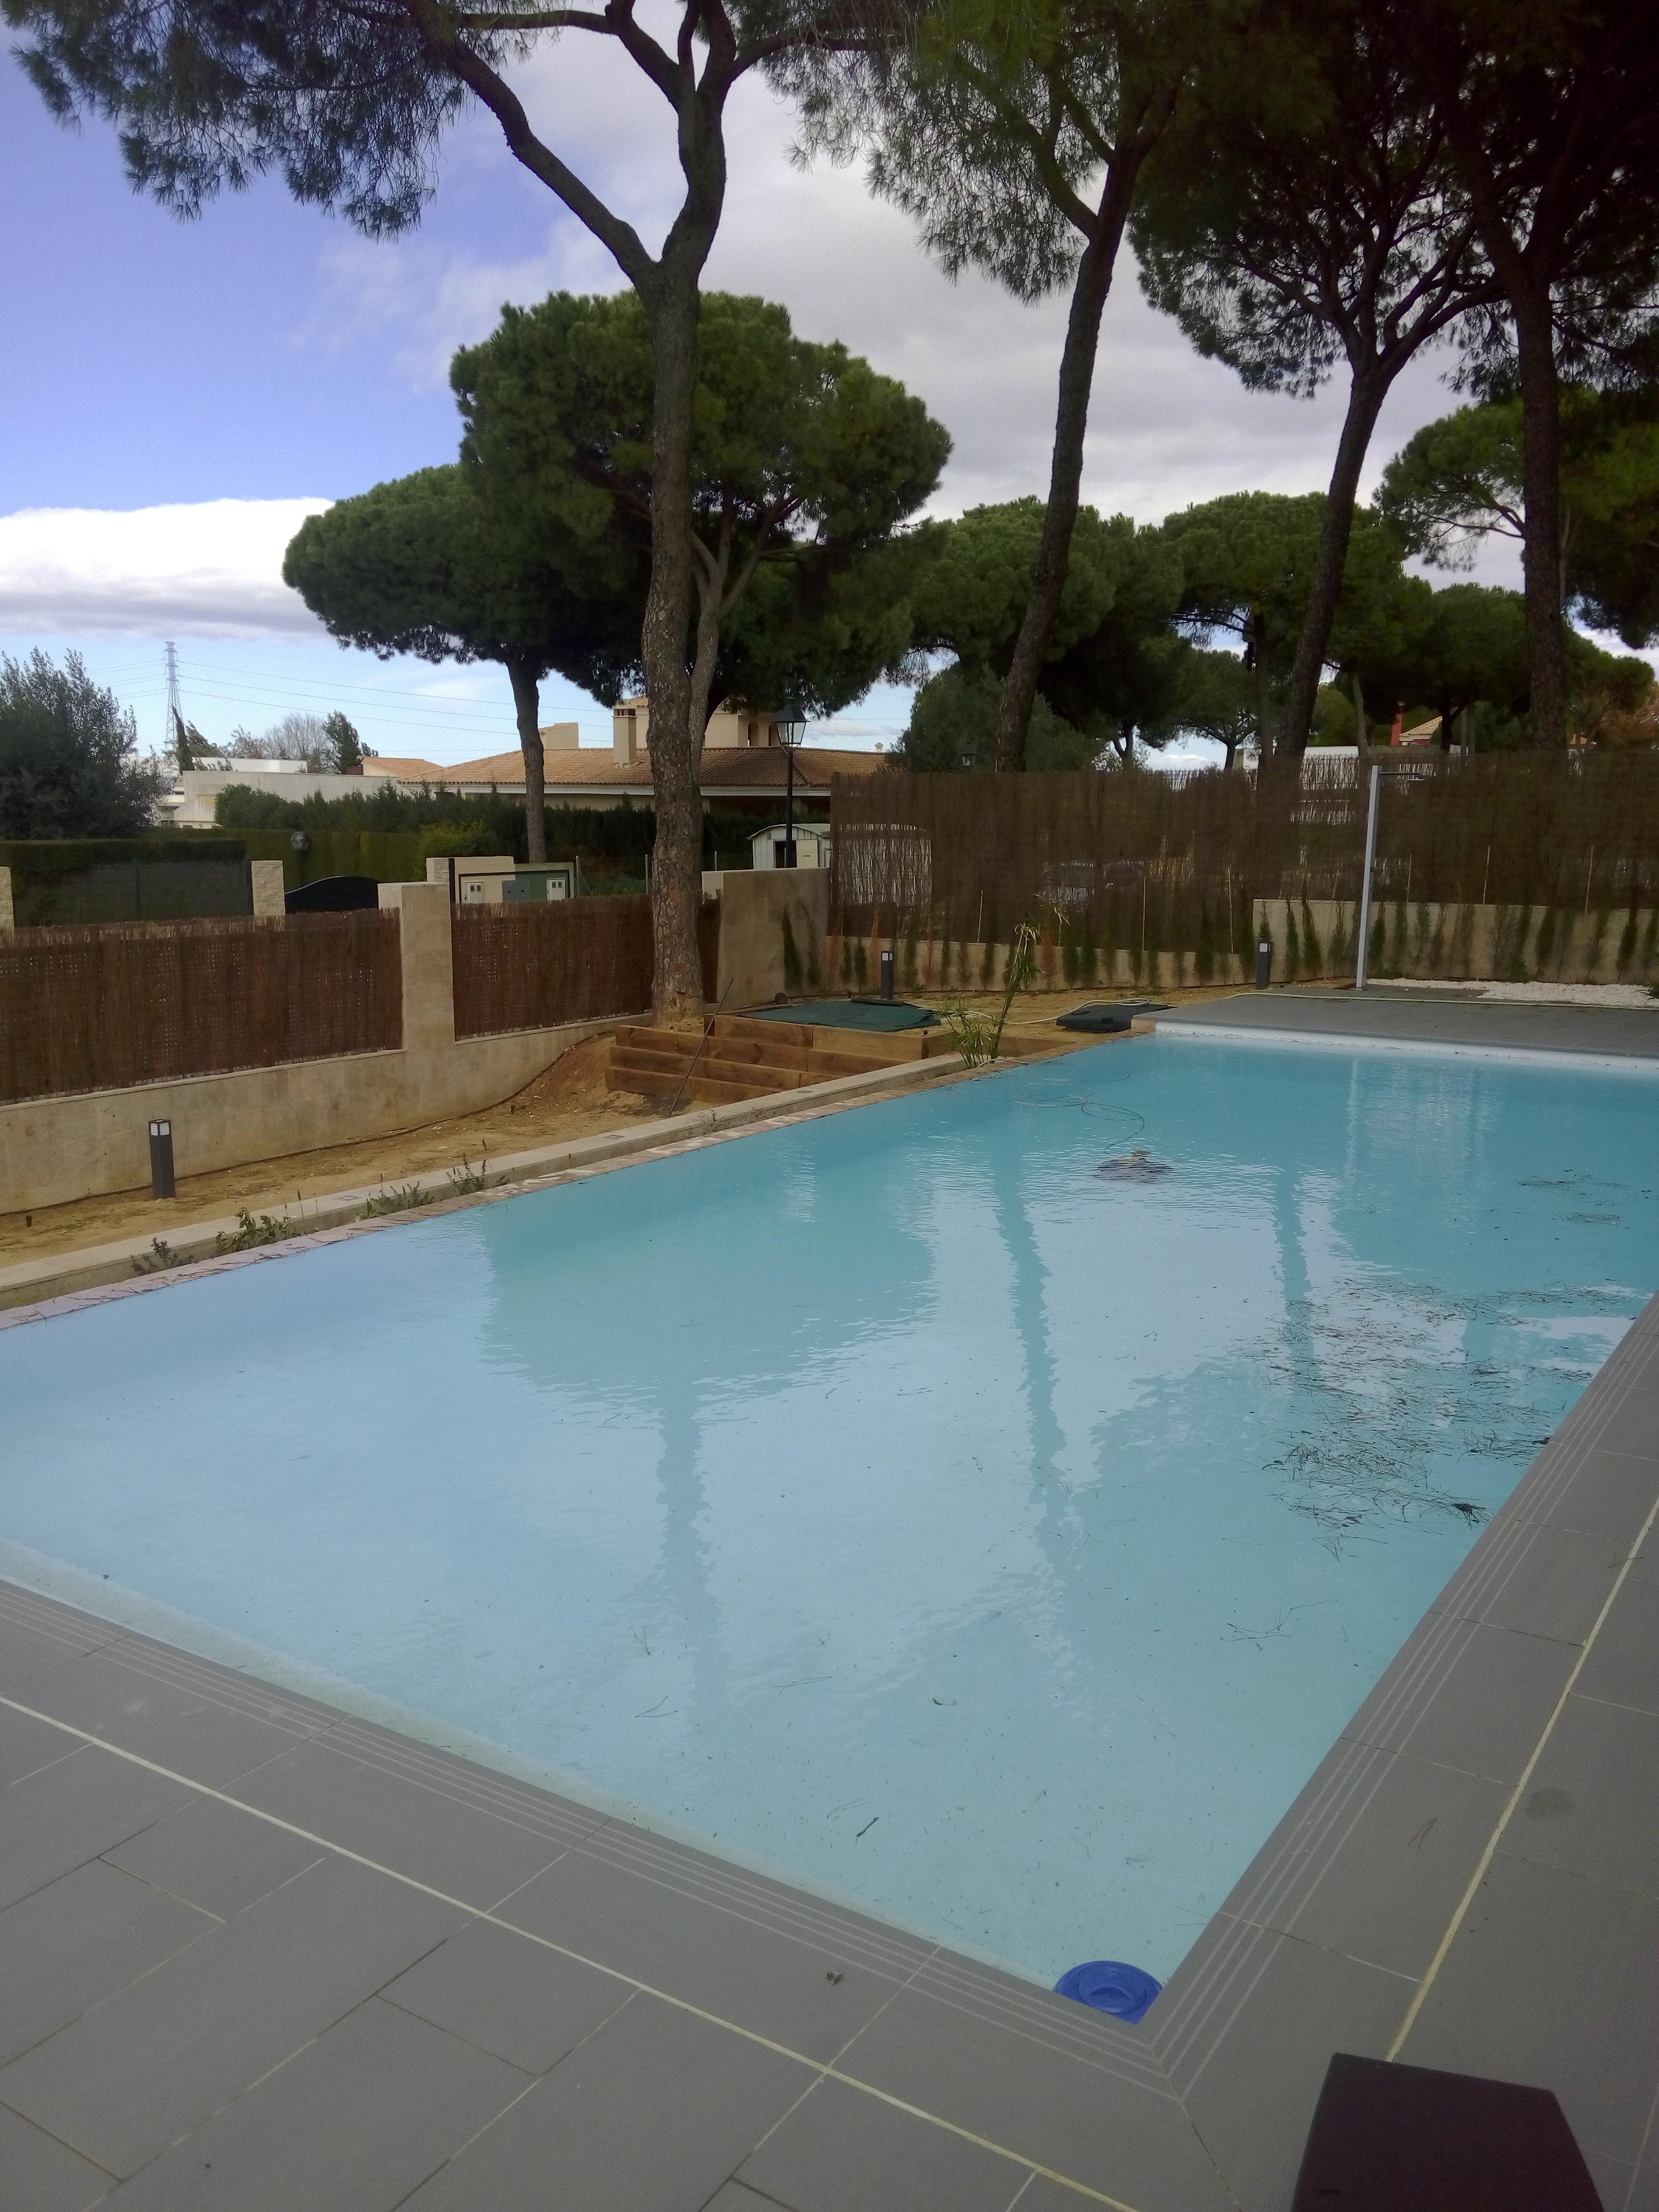 Img 20150217 115905 construcci n de piscinas - Barrefondos para piscinas ...